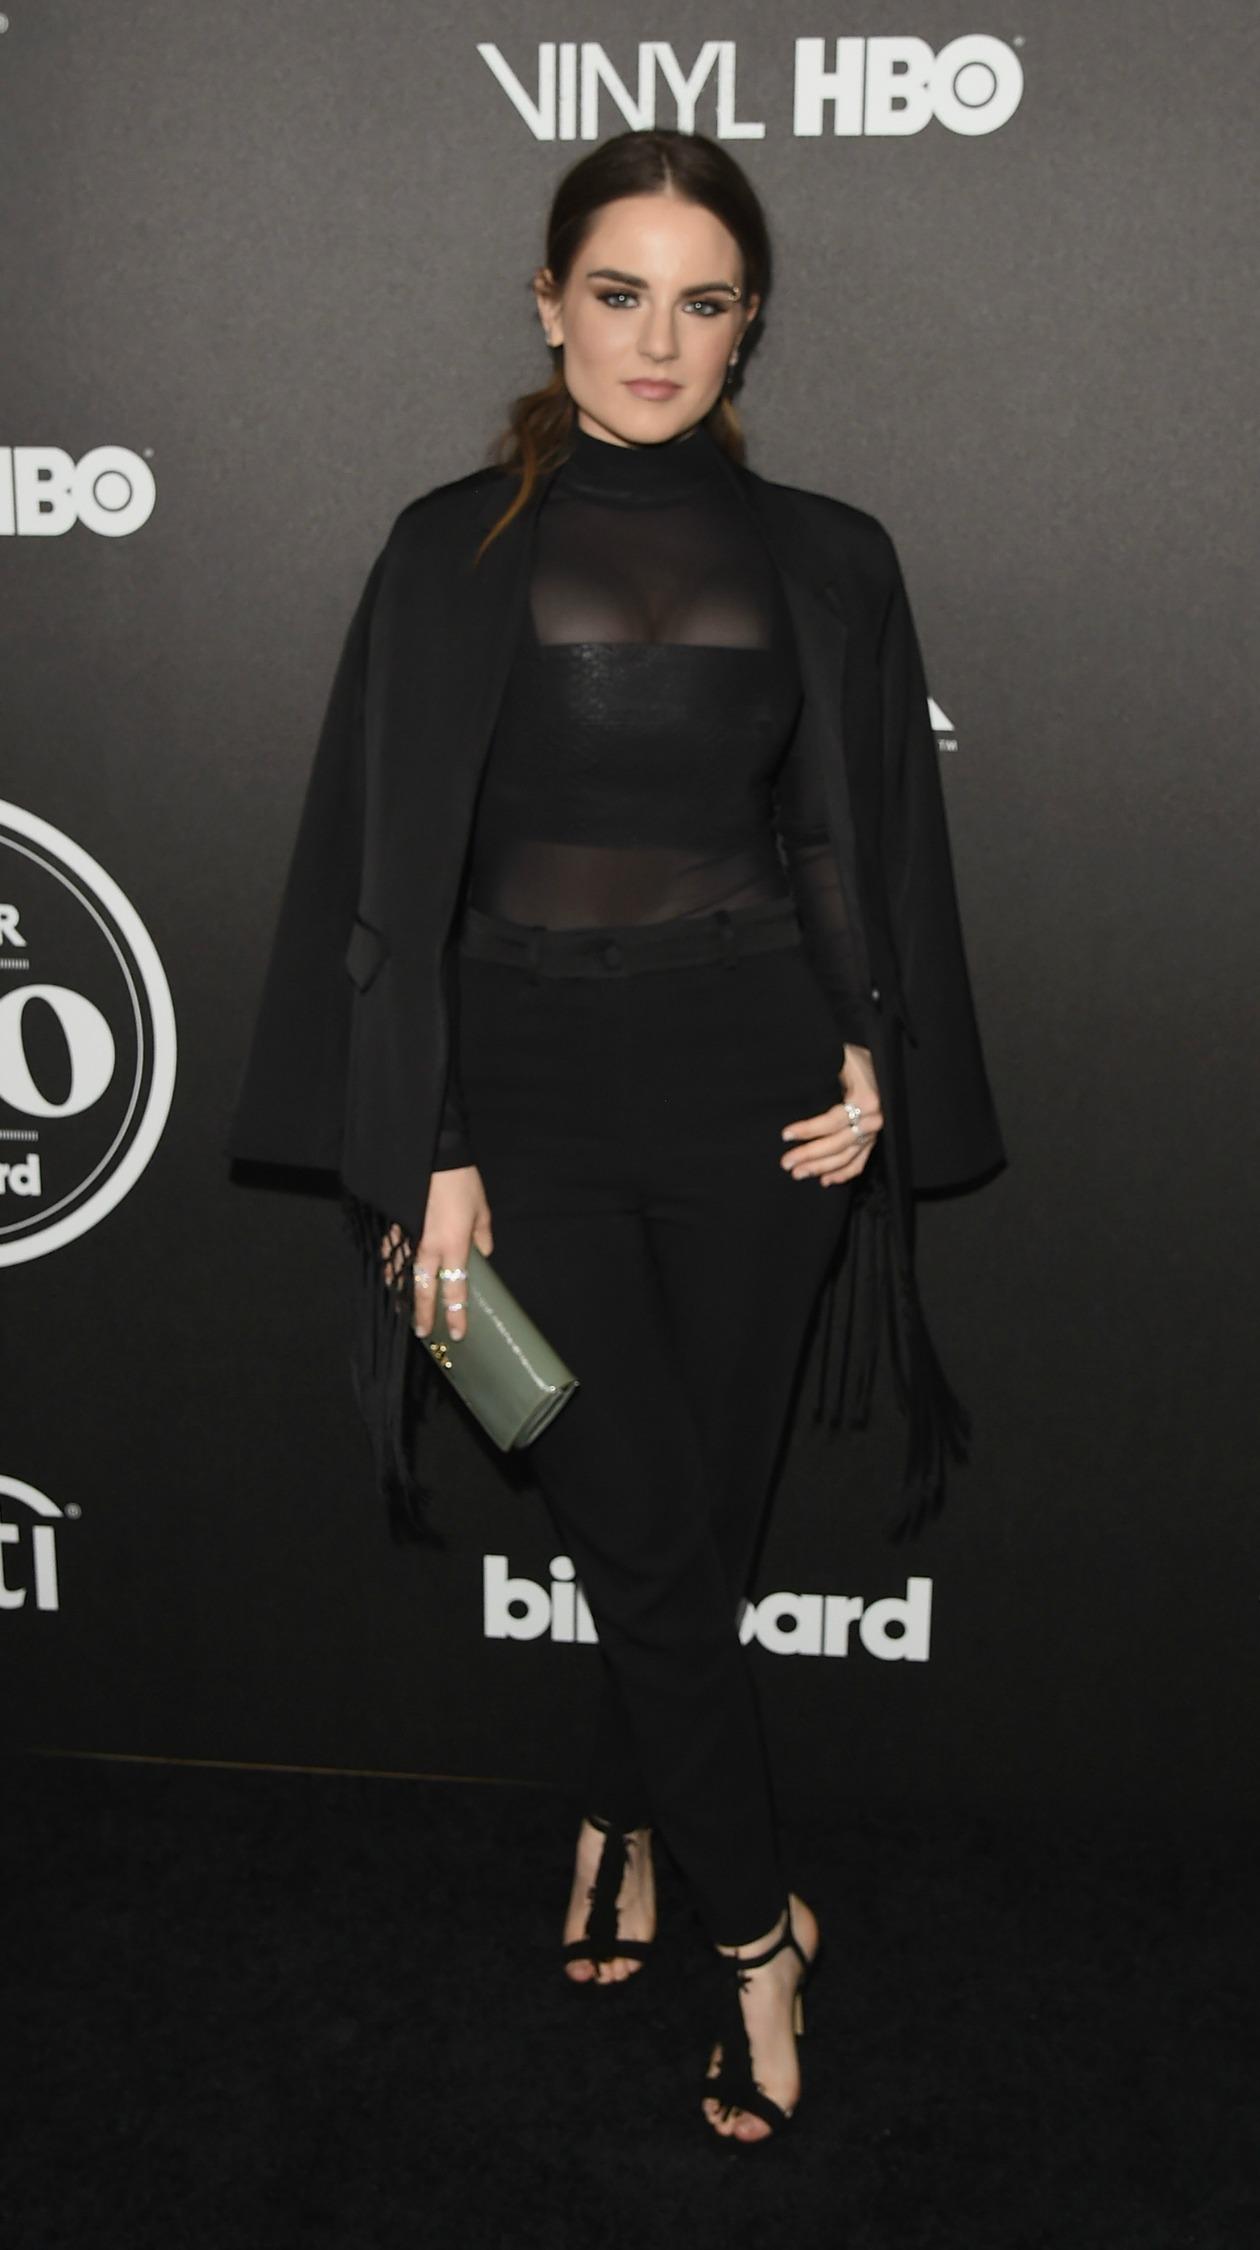 JoJo, Billboard Power 100, Grammy Awards